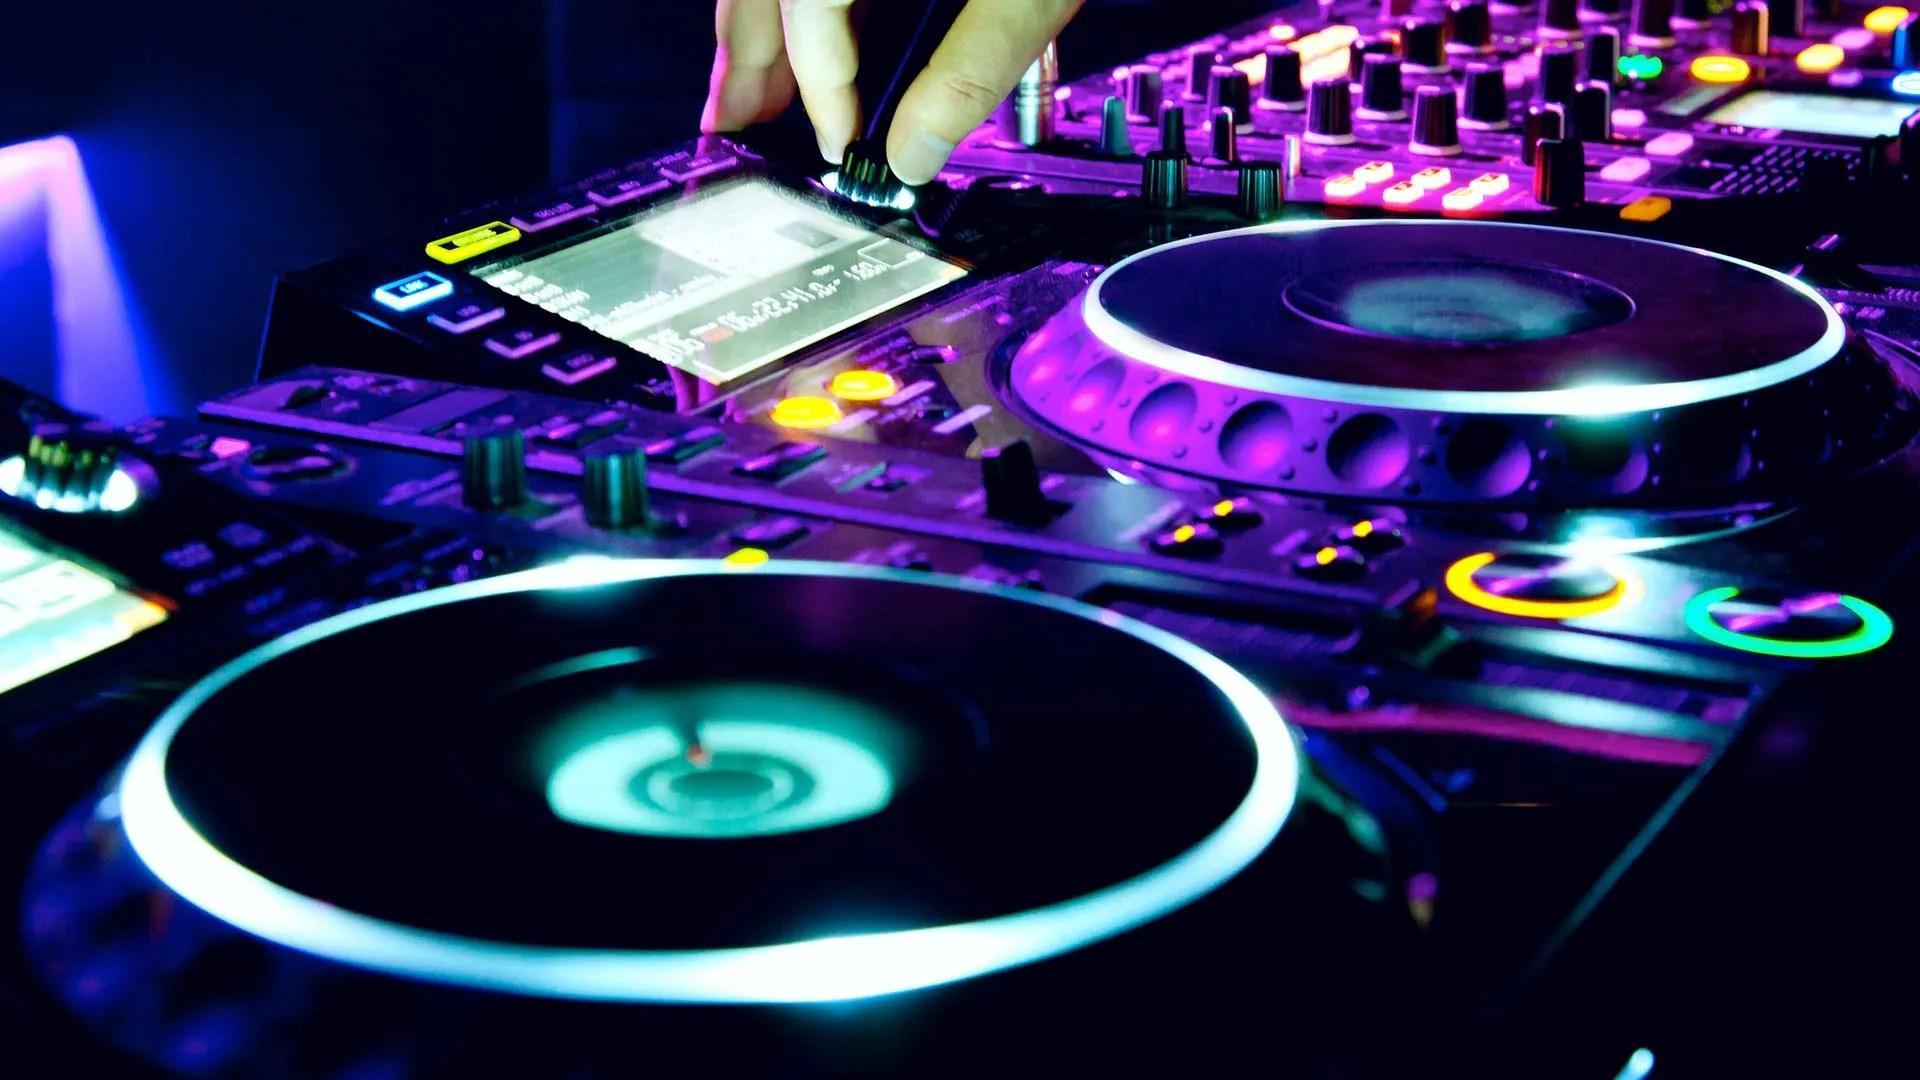 The Best DJ Mixes of 2019